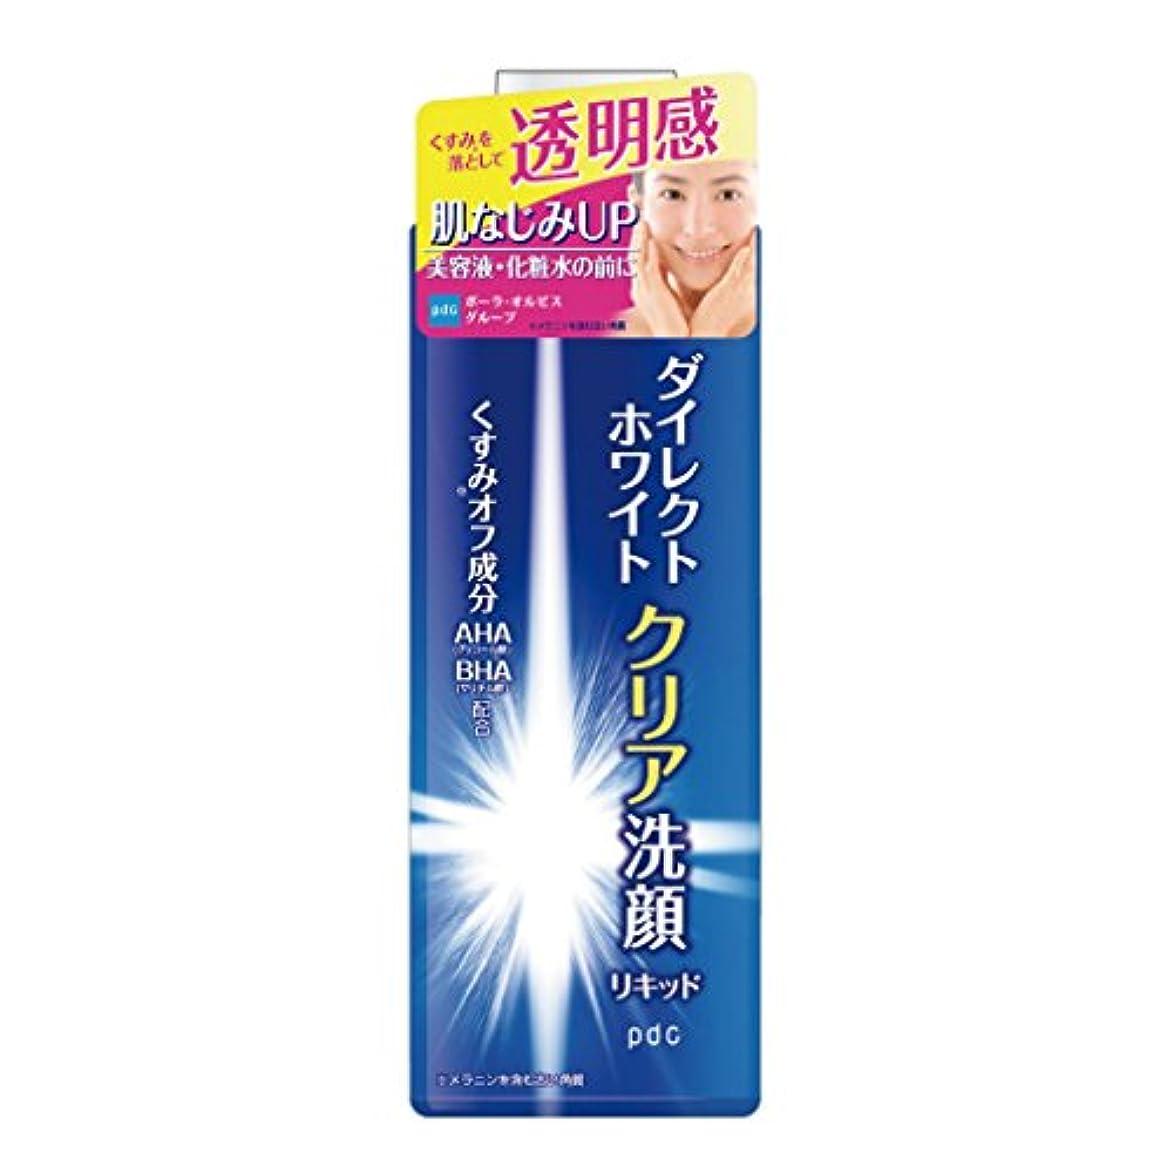 放棄された愛国的な税金DIRECT WHITE(ダイレクトホワイト) くすみオフ洗顔 泡立つリキッド洗顔料 180mL